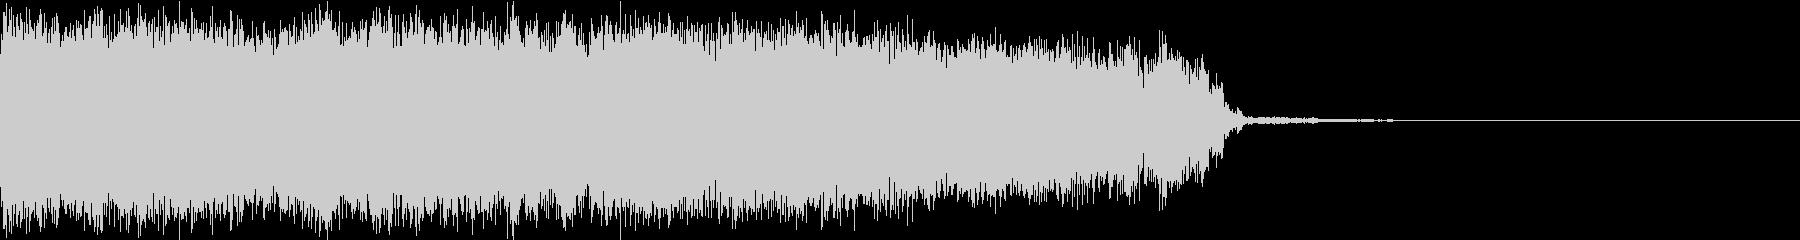 ロック ジングル 切り替わり 2の未再生の波形